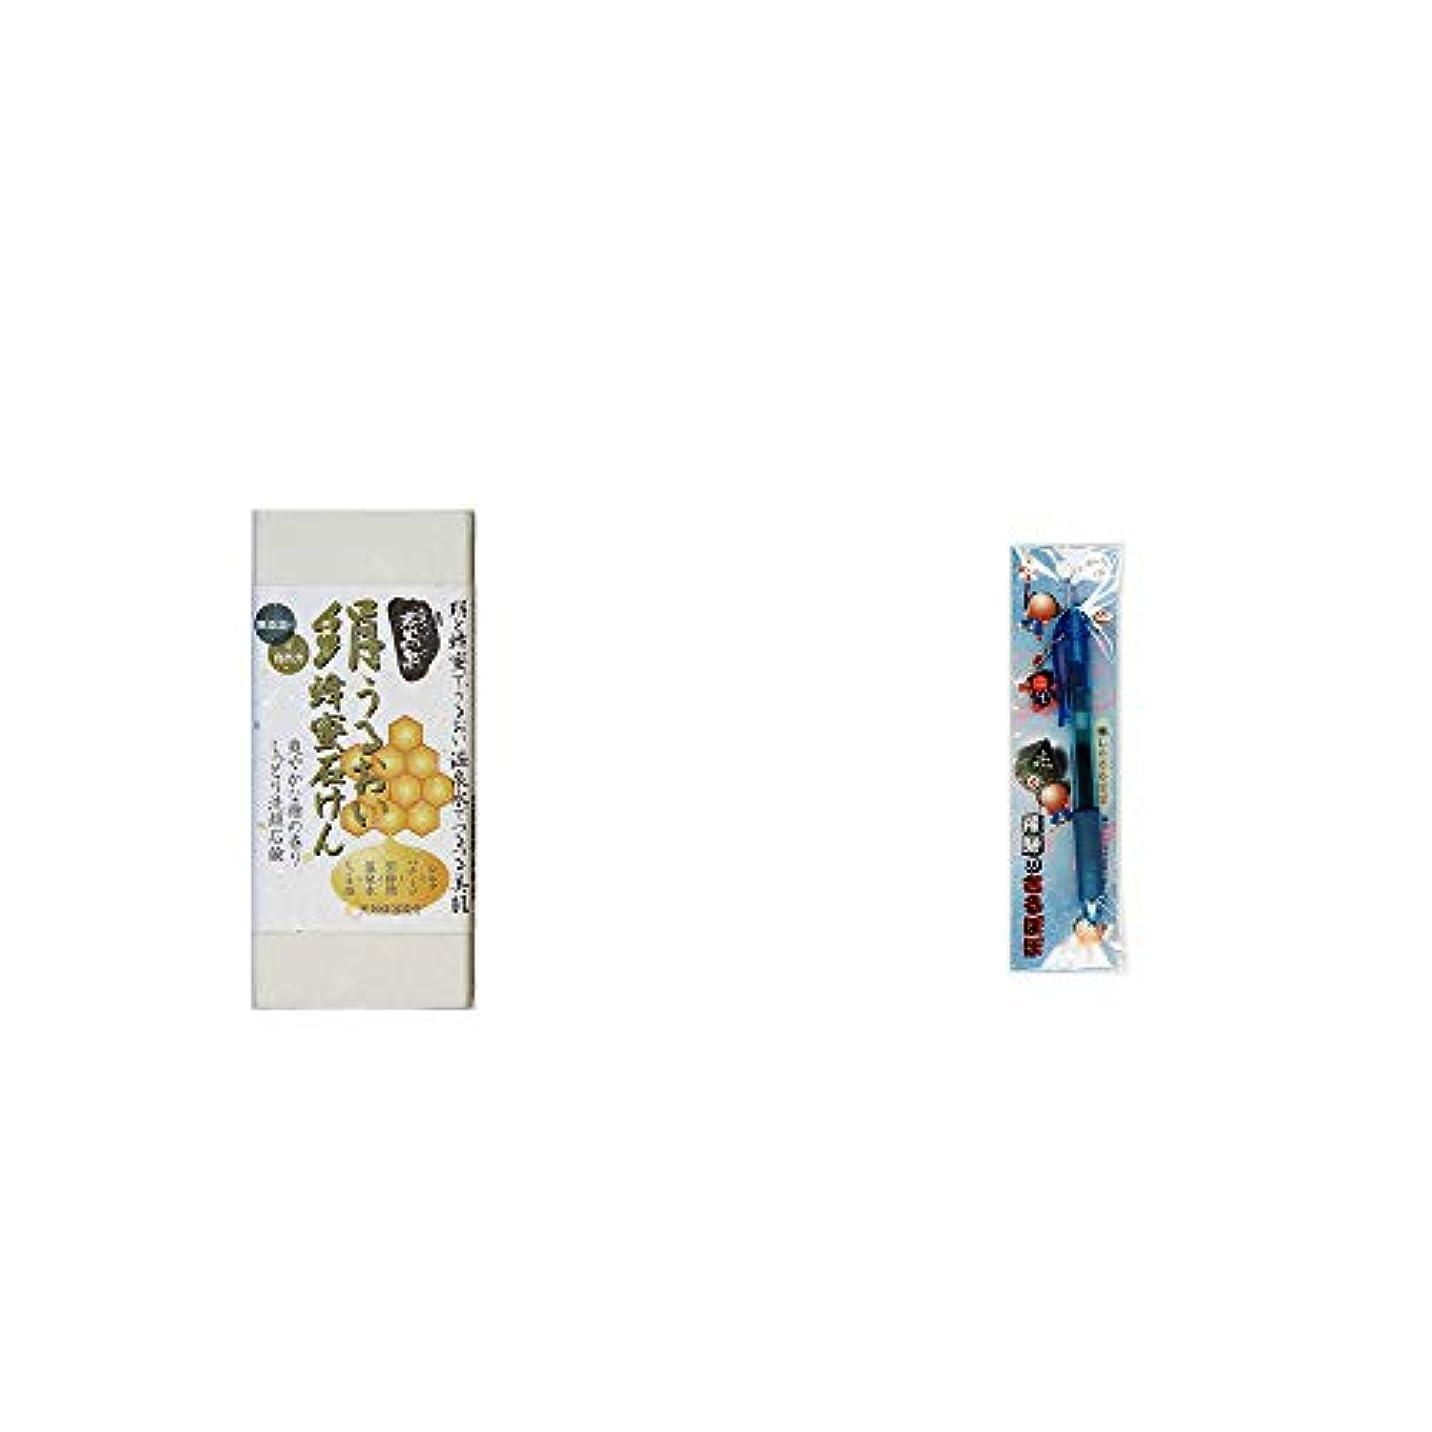 バナナ疑問に思うアプト[2点セット] ひのき炭黒泉 絹うるおい蜂蜜石けん(75g×2)?さるぼぼ 癒しボールペン 【ブルー】